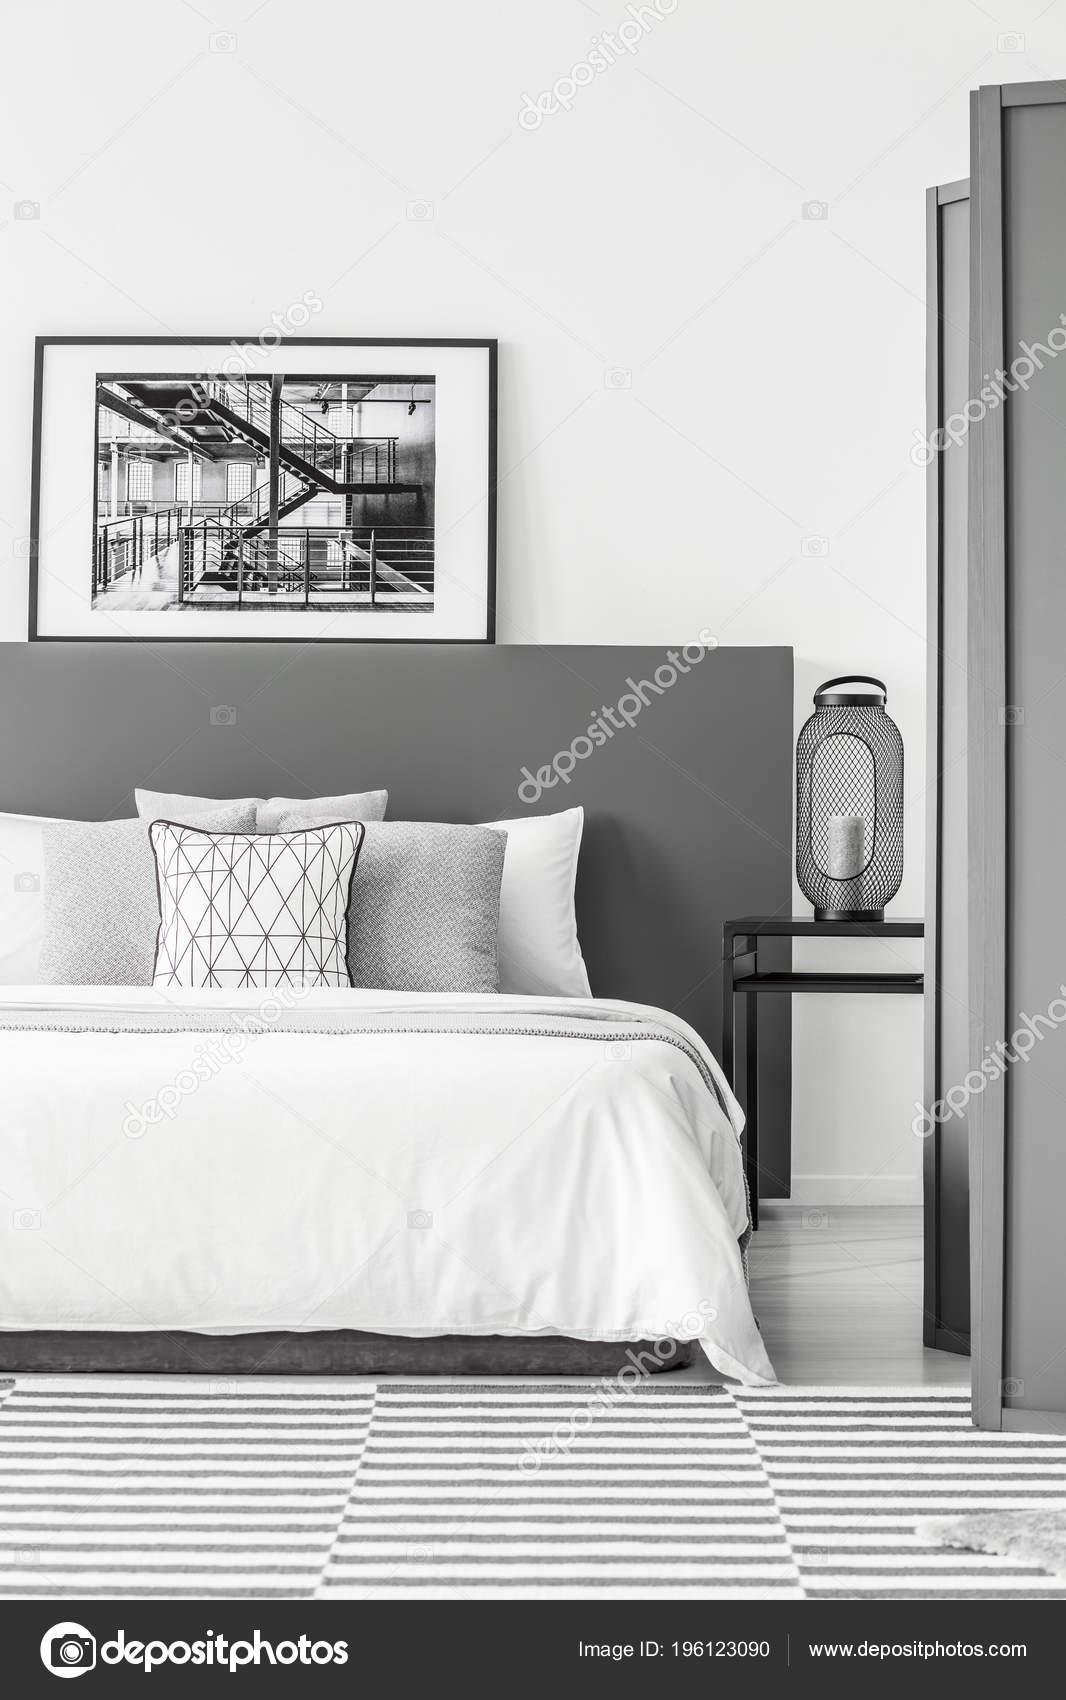 Schwarz Weiss Poster Auf Bedhead Bett Einfache Schlafzimmer Innenraum